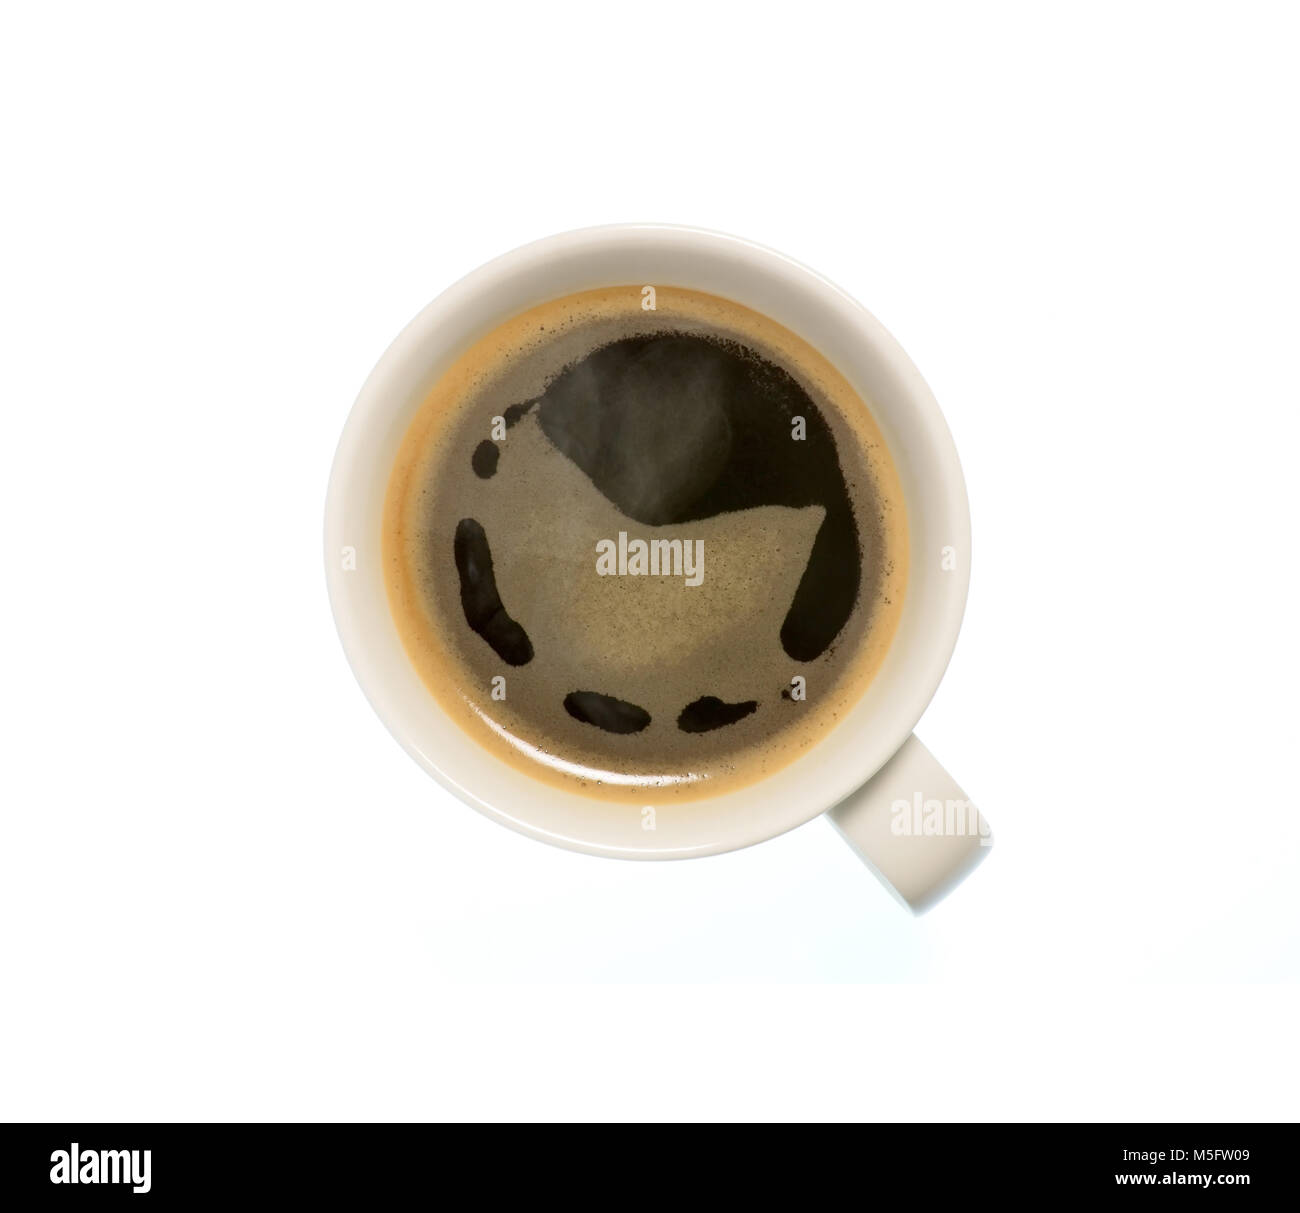 Isolato di tazza di caffè, vista dall'alto closeup foto della tazza calda di caffè nero con vapore Immagini Stock